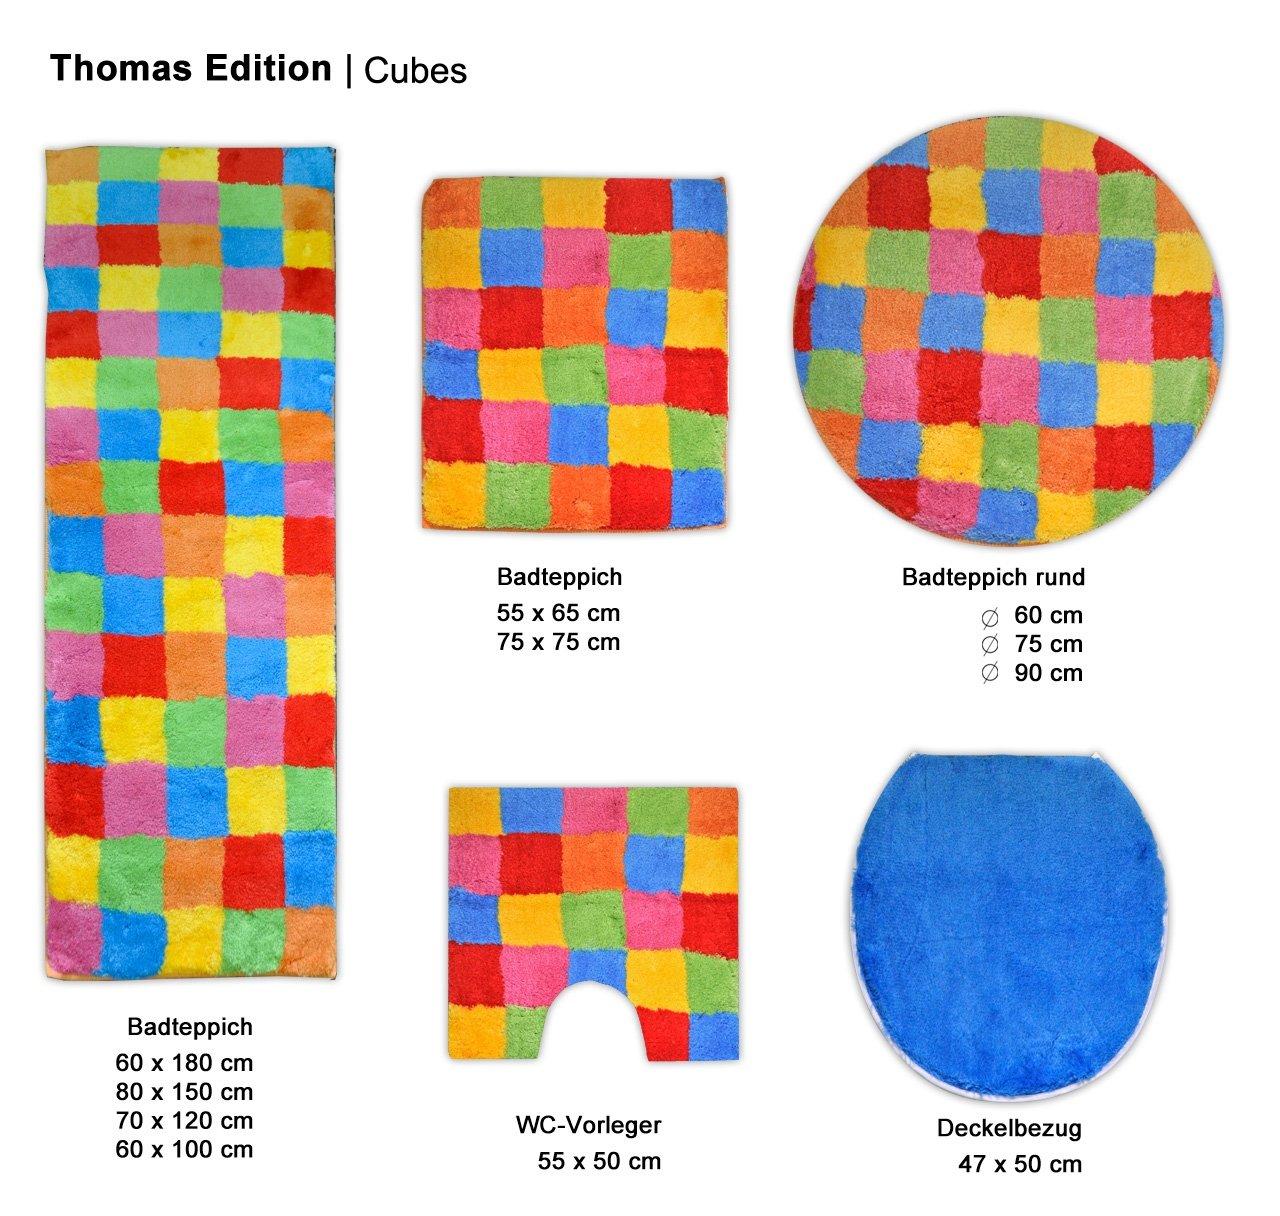 Mt 1570 15 Rund 90 Cm Coloured Thomas Badteppich Cubes